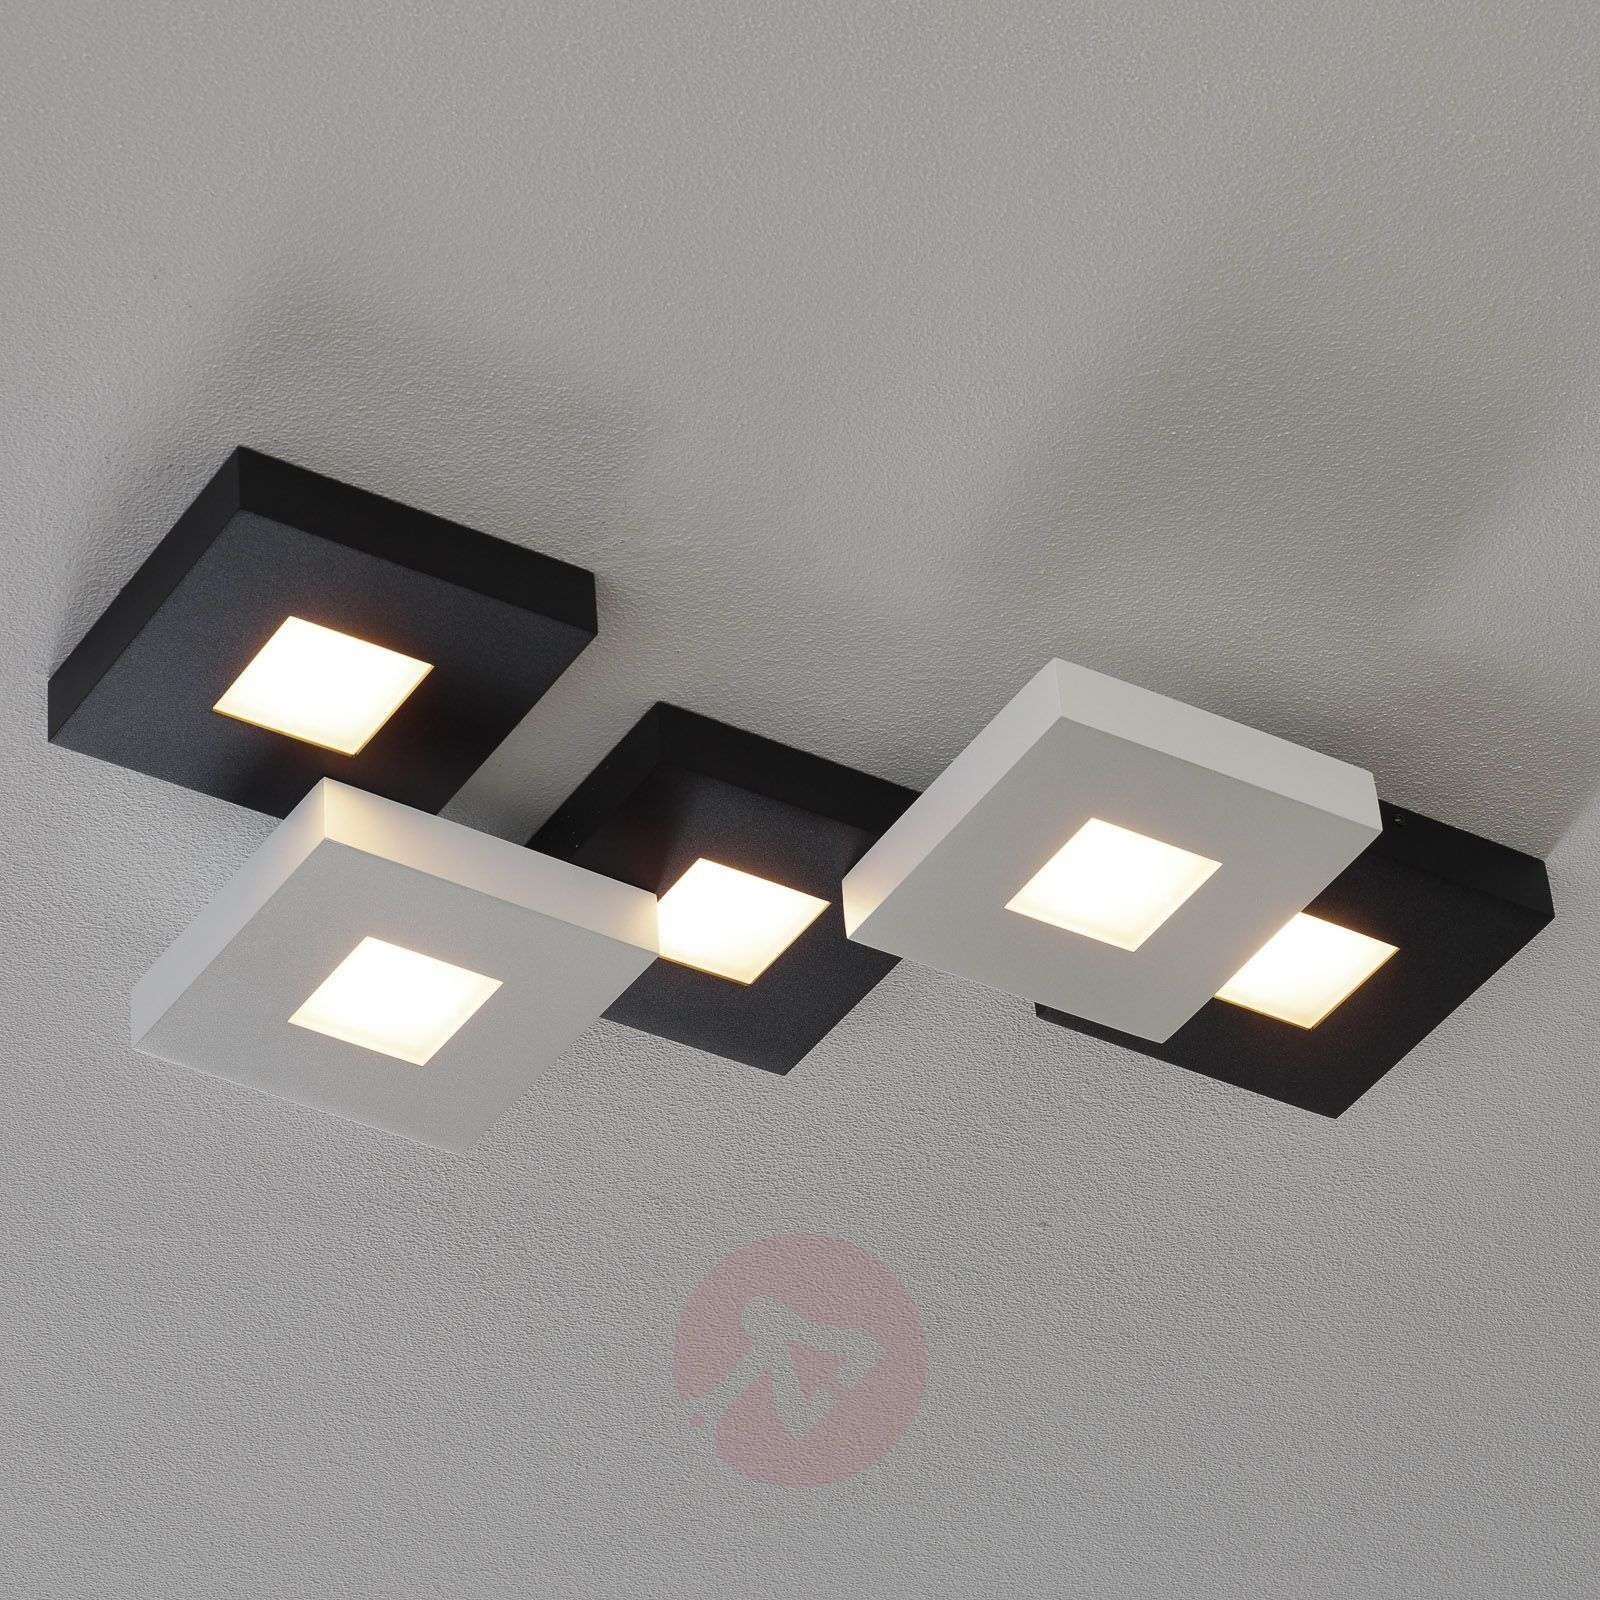 Mustavalk. LED-kattovalaisin Cubus 5-lamppuinen-1556074-02